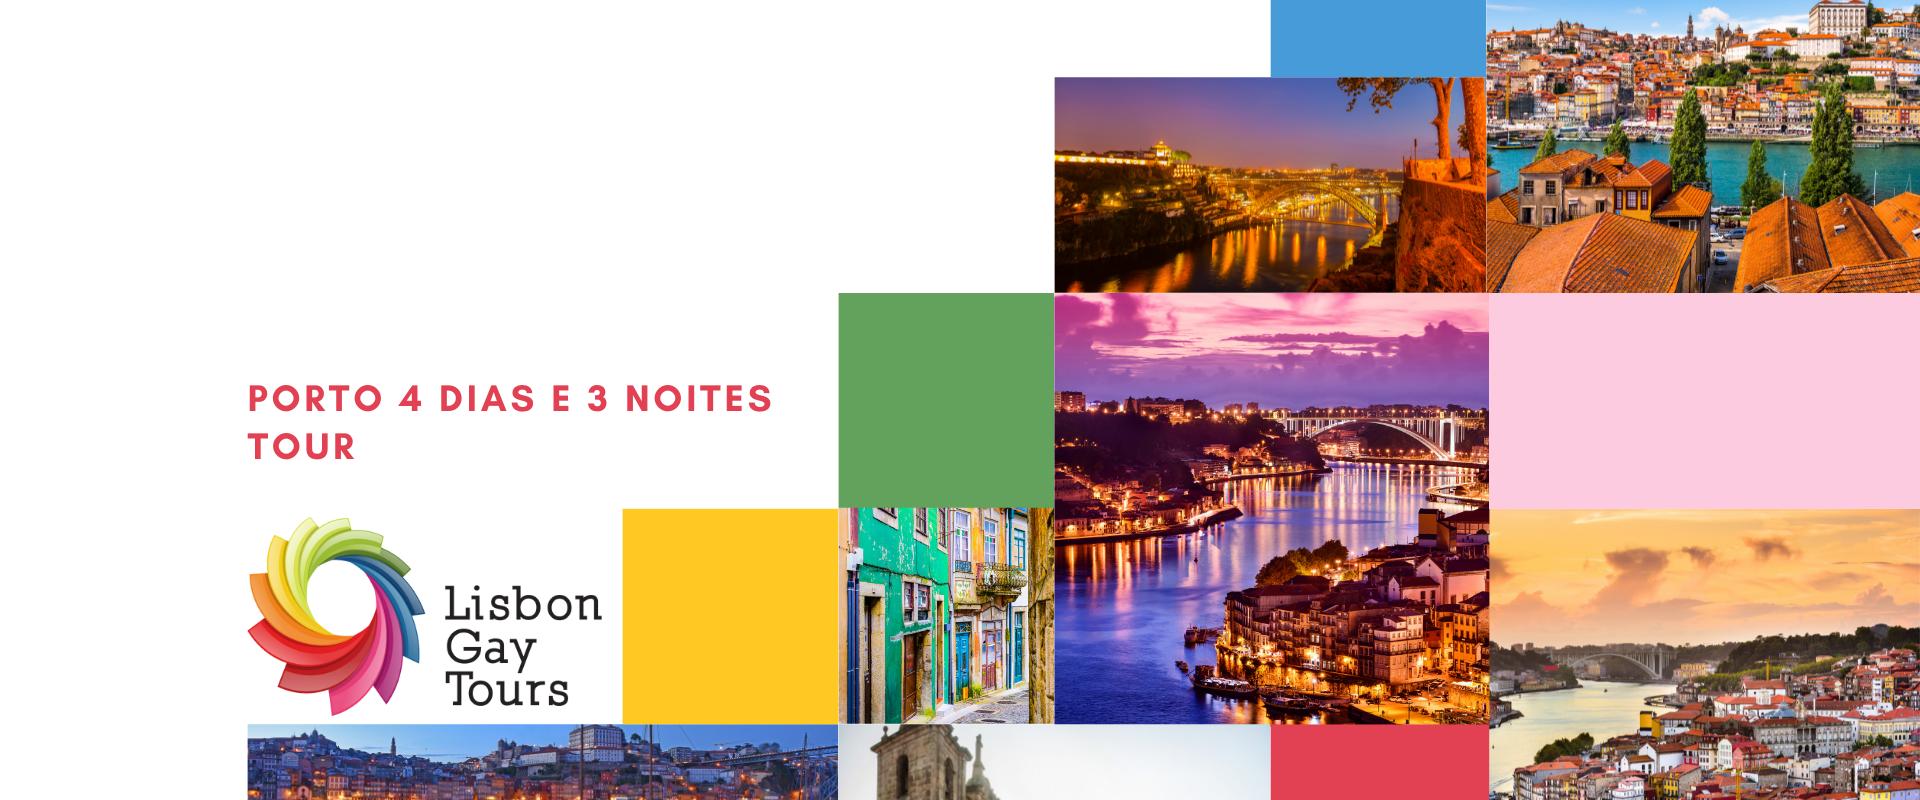 Porto 4 Dias e 3 Noites Tour